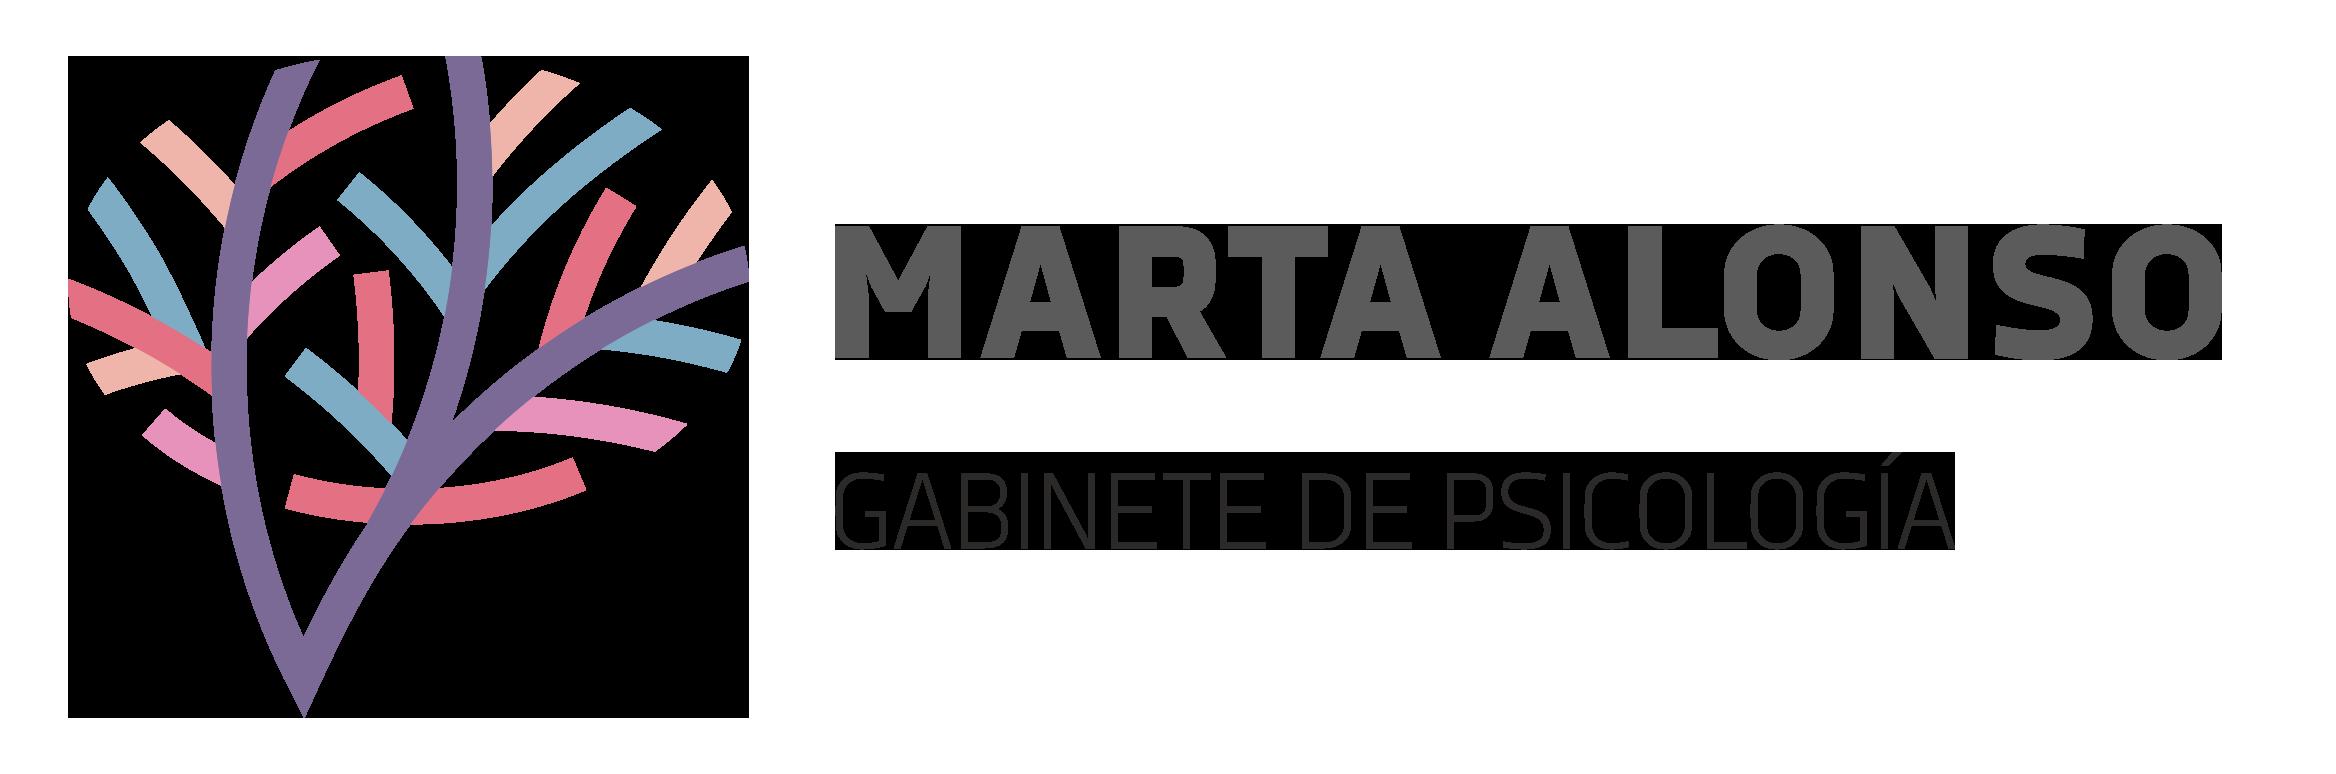 Marta Alonso Gabinete De Psicología